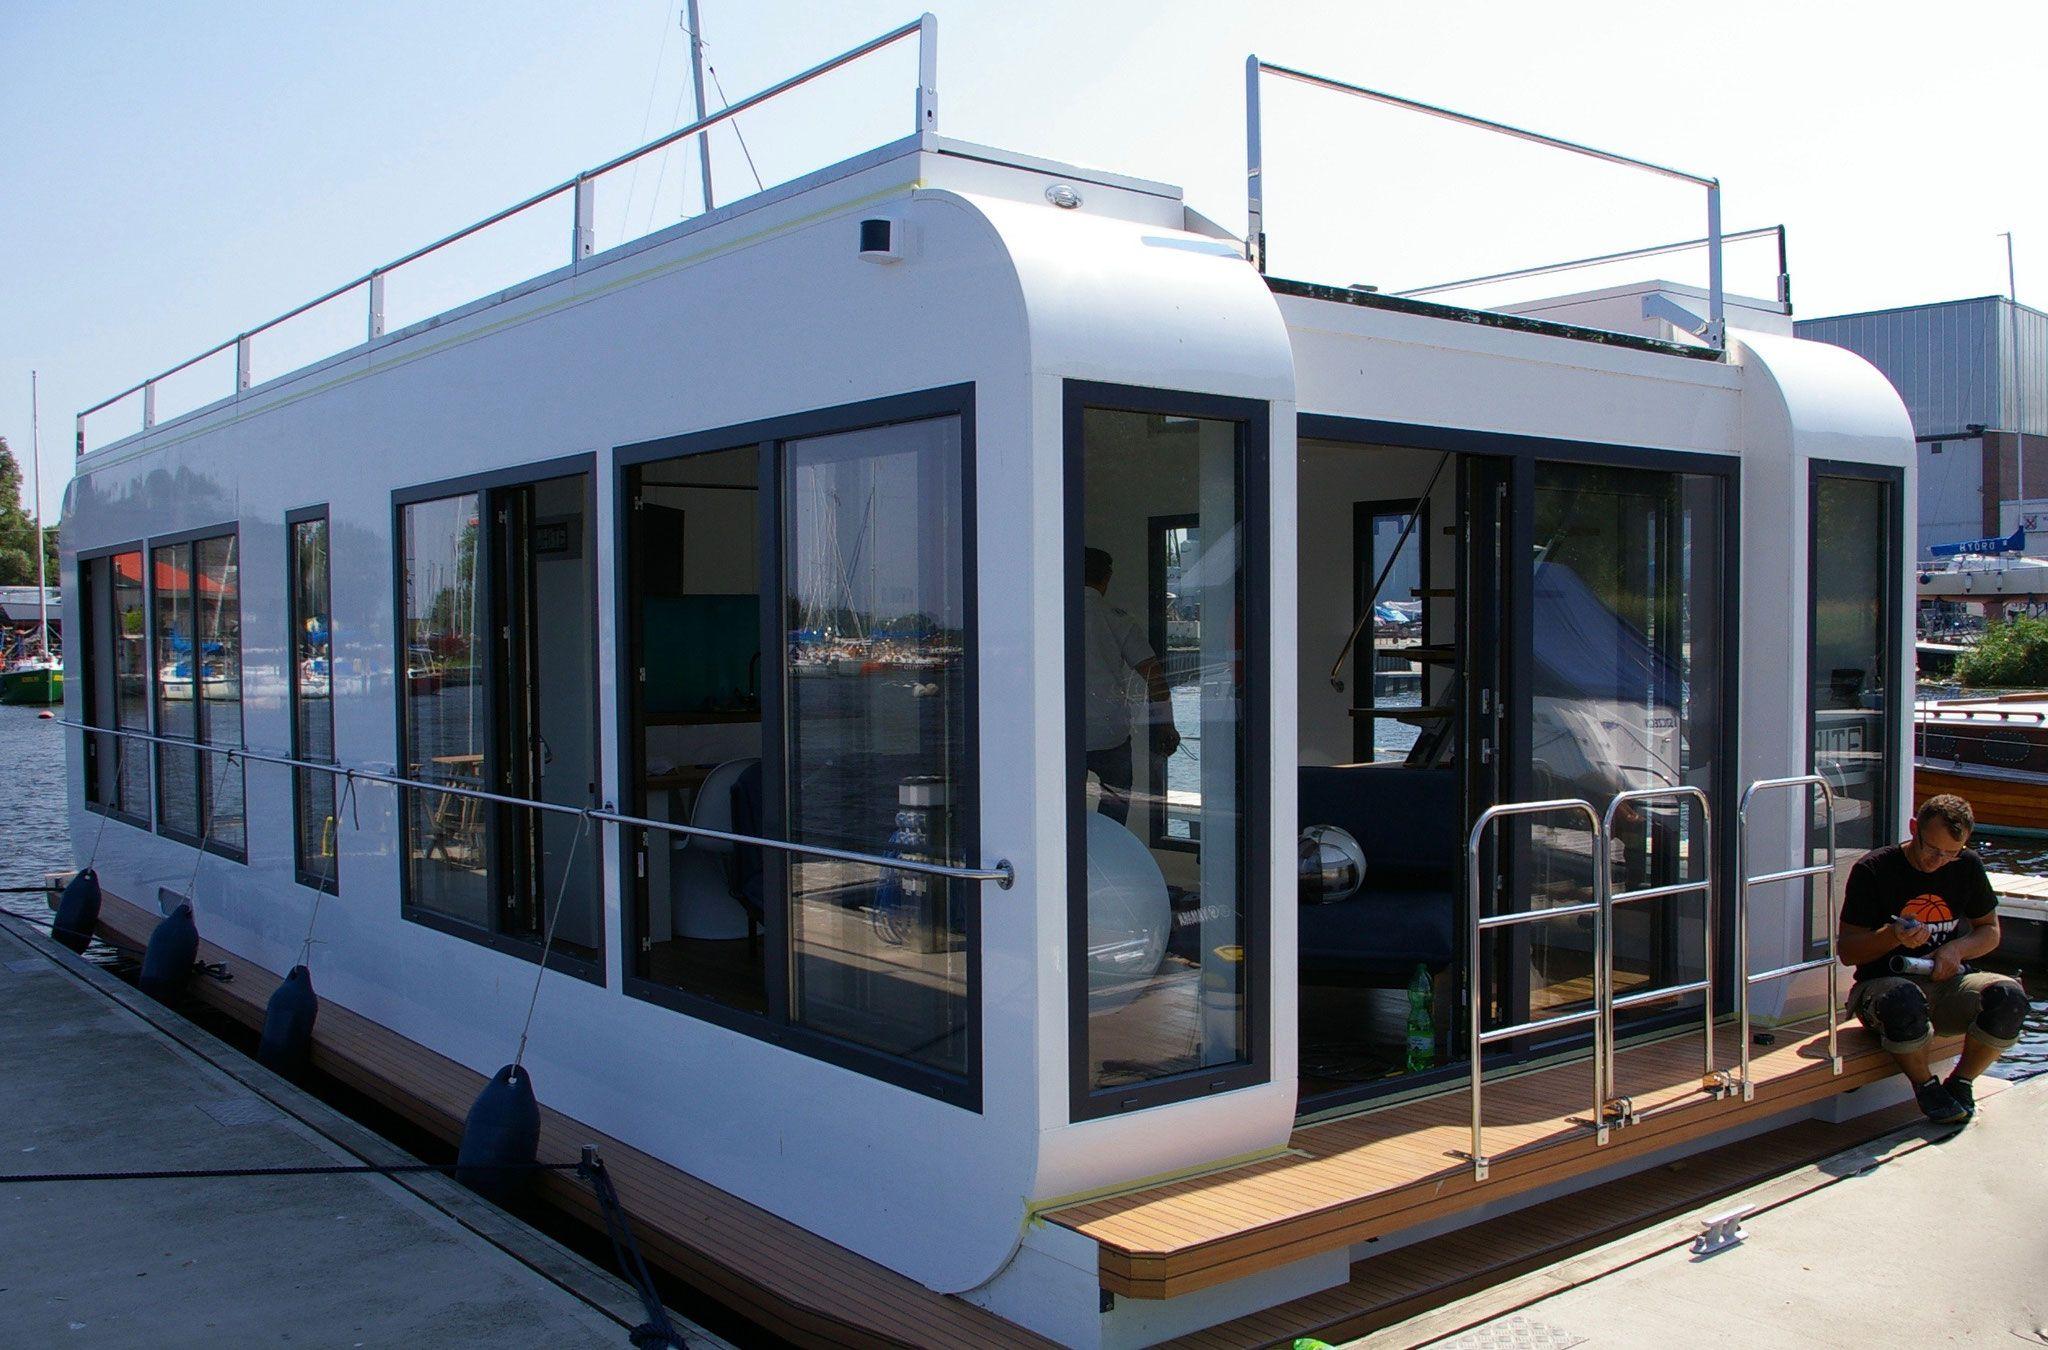 hausboote kaufen mieten ein portal zum wohnen auf dem wasser. Black Bedroom Furniture Sets. Home Design Ideas